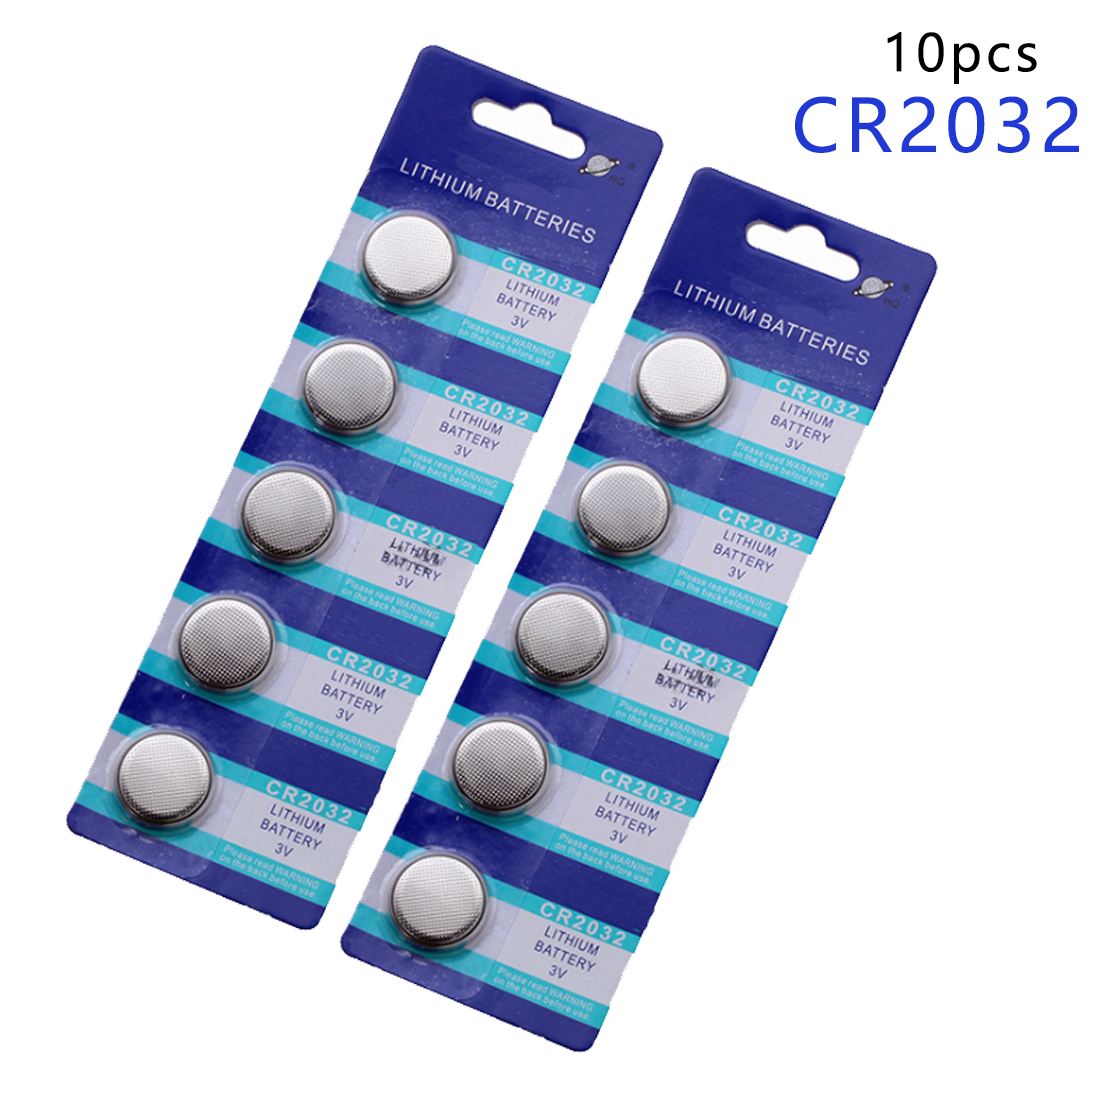 Centechia HOT SALE 10pcs CR2032 BR2032 DL2032 SB-T15 EA2032C ECR2032 L2032 CR 2032 Lithium Li-ion 3V Button Cell Coin Battery стоимость